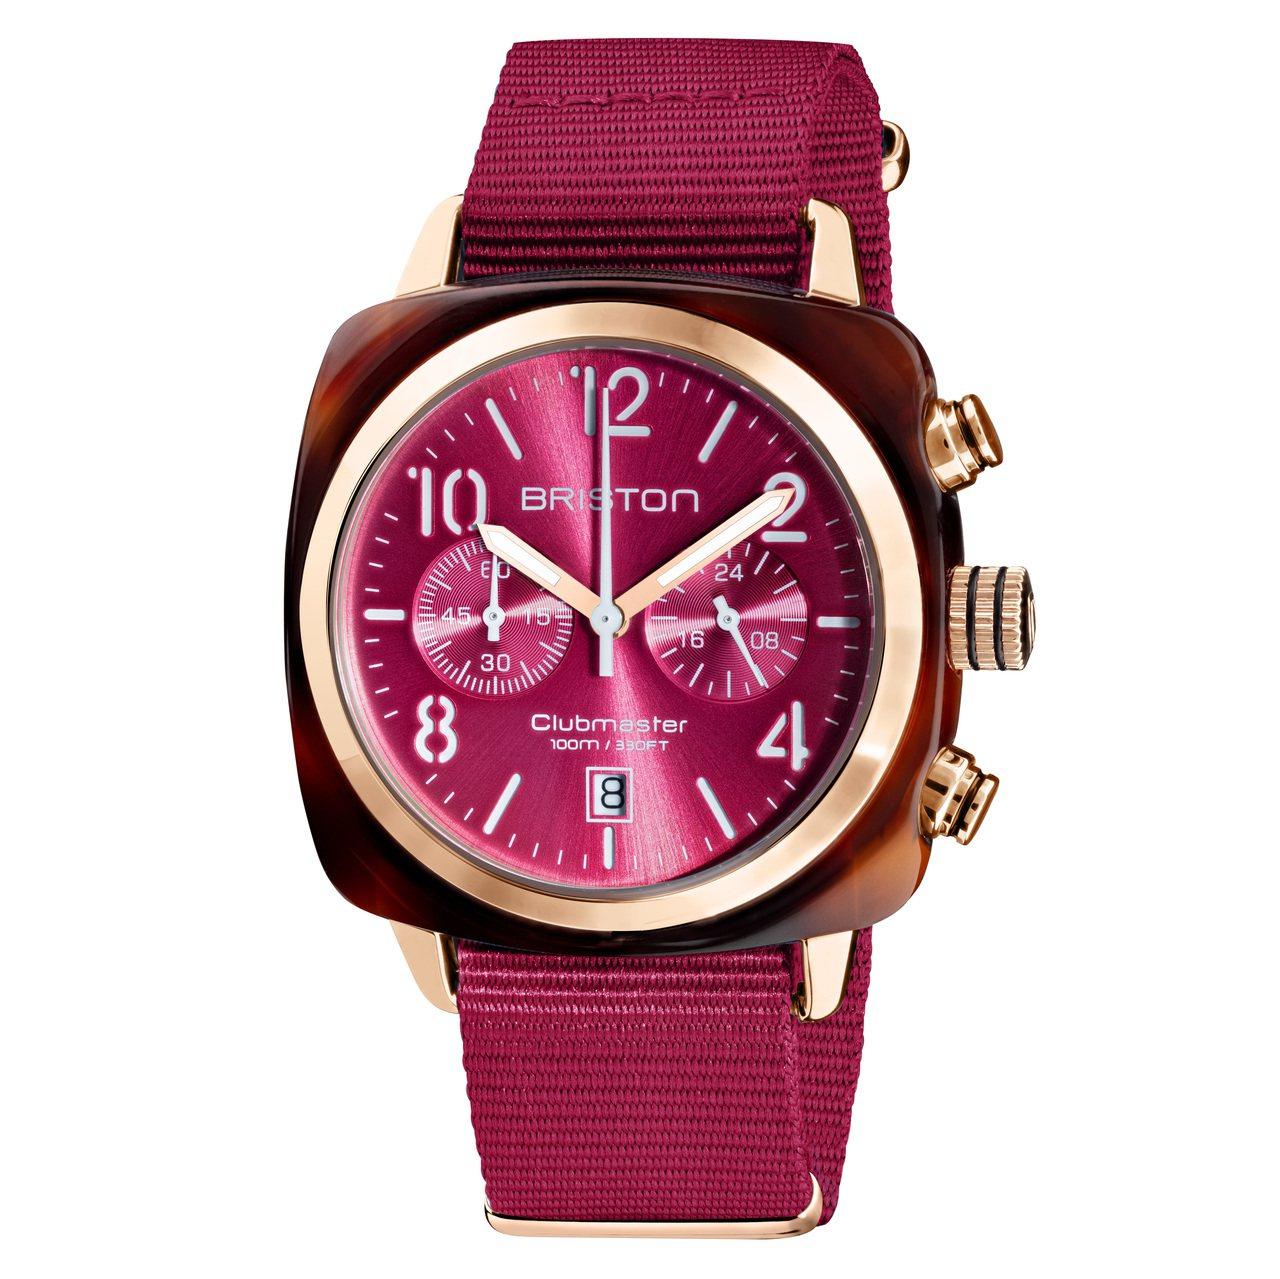 Briston Clubmaster系列莓果色計時碼表,12,000元。圖/麥迪...